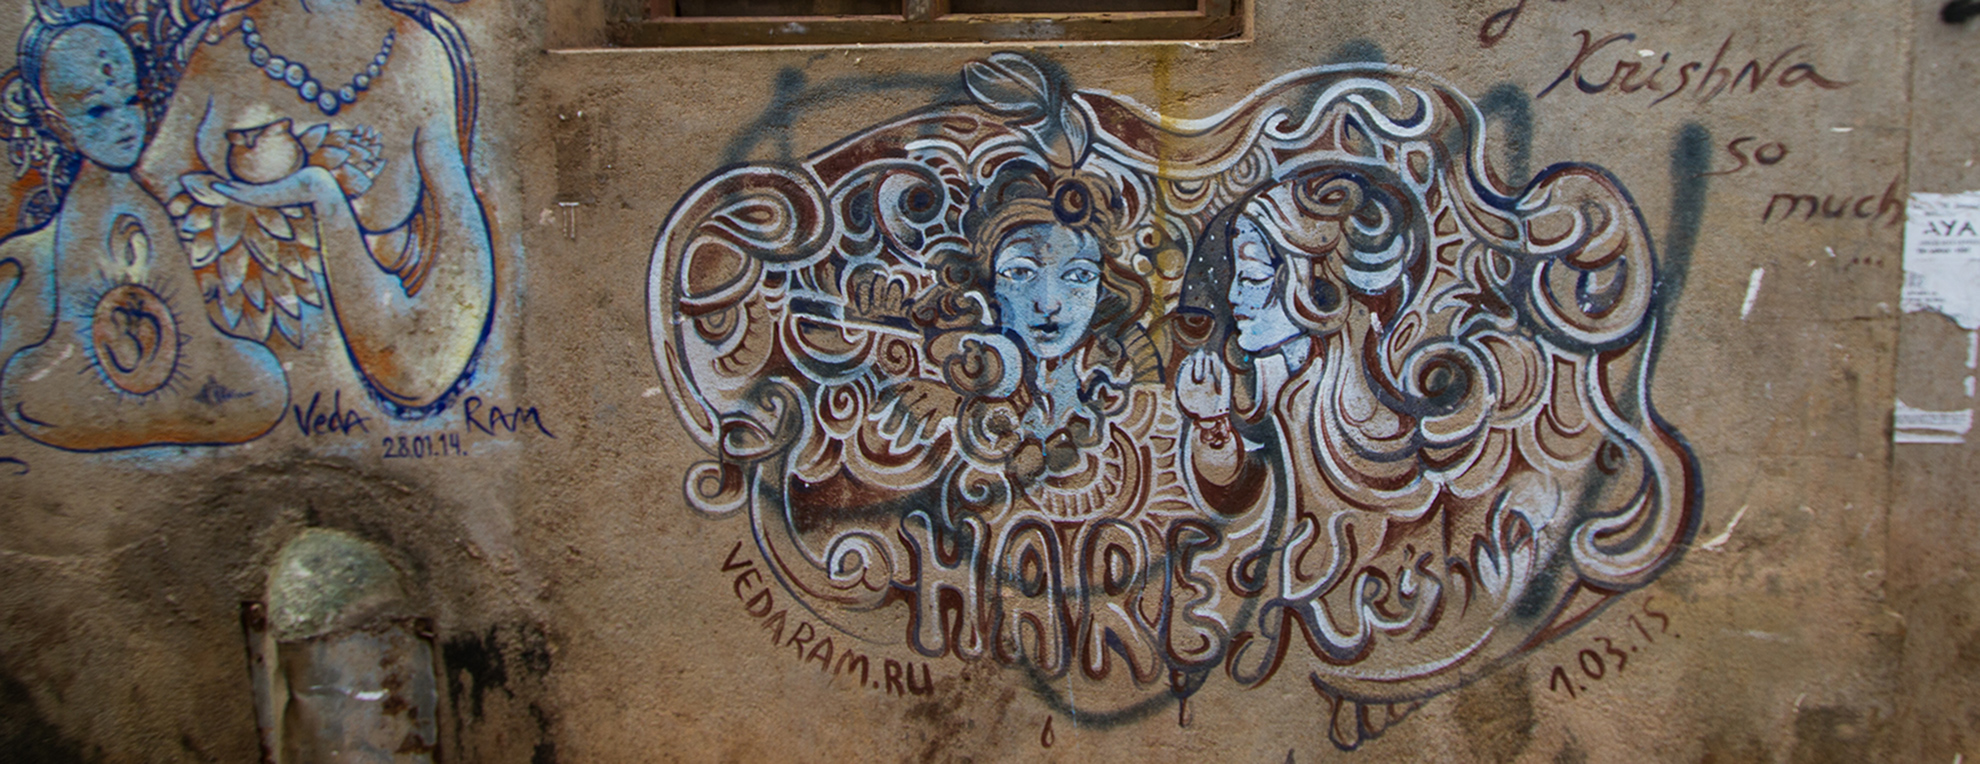 Gokarna Graffiti Stereet Art